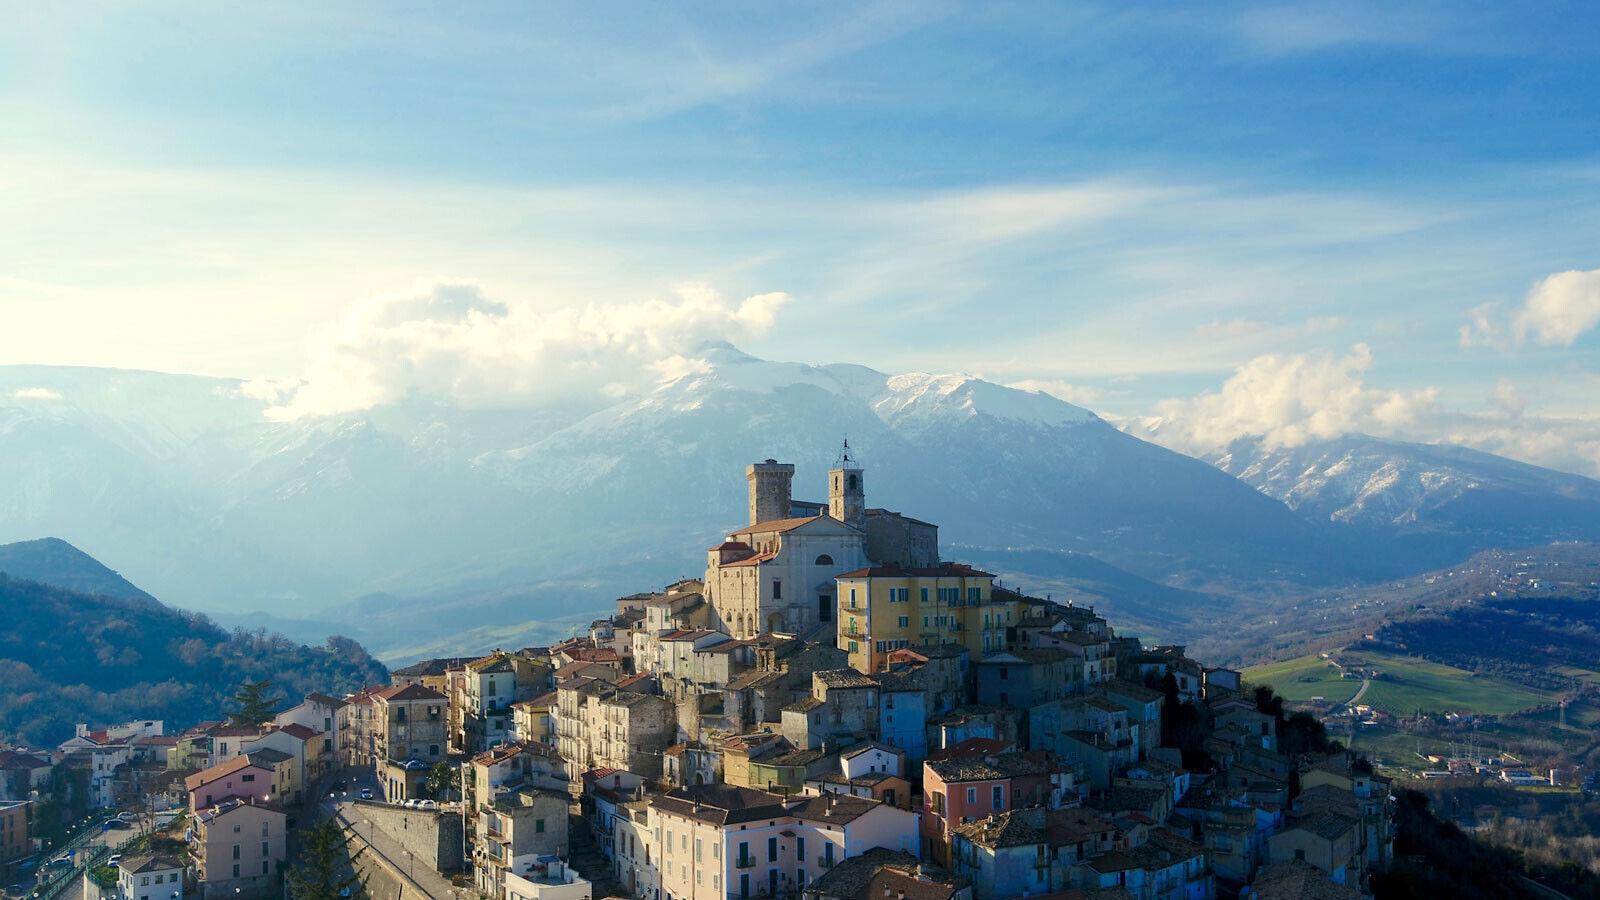 10 من أجمل البلدات الإيطالية المثالية لتطبيق إجراء التباعد الاجتماعي